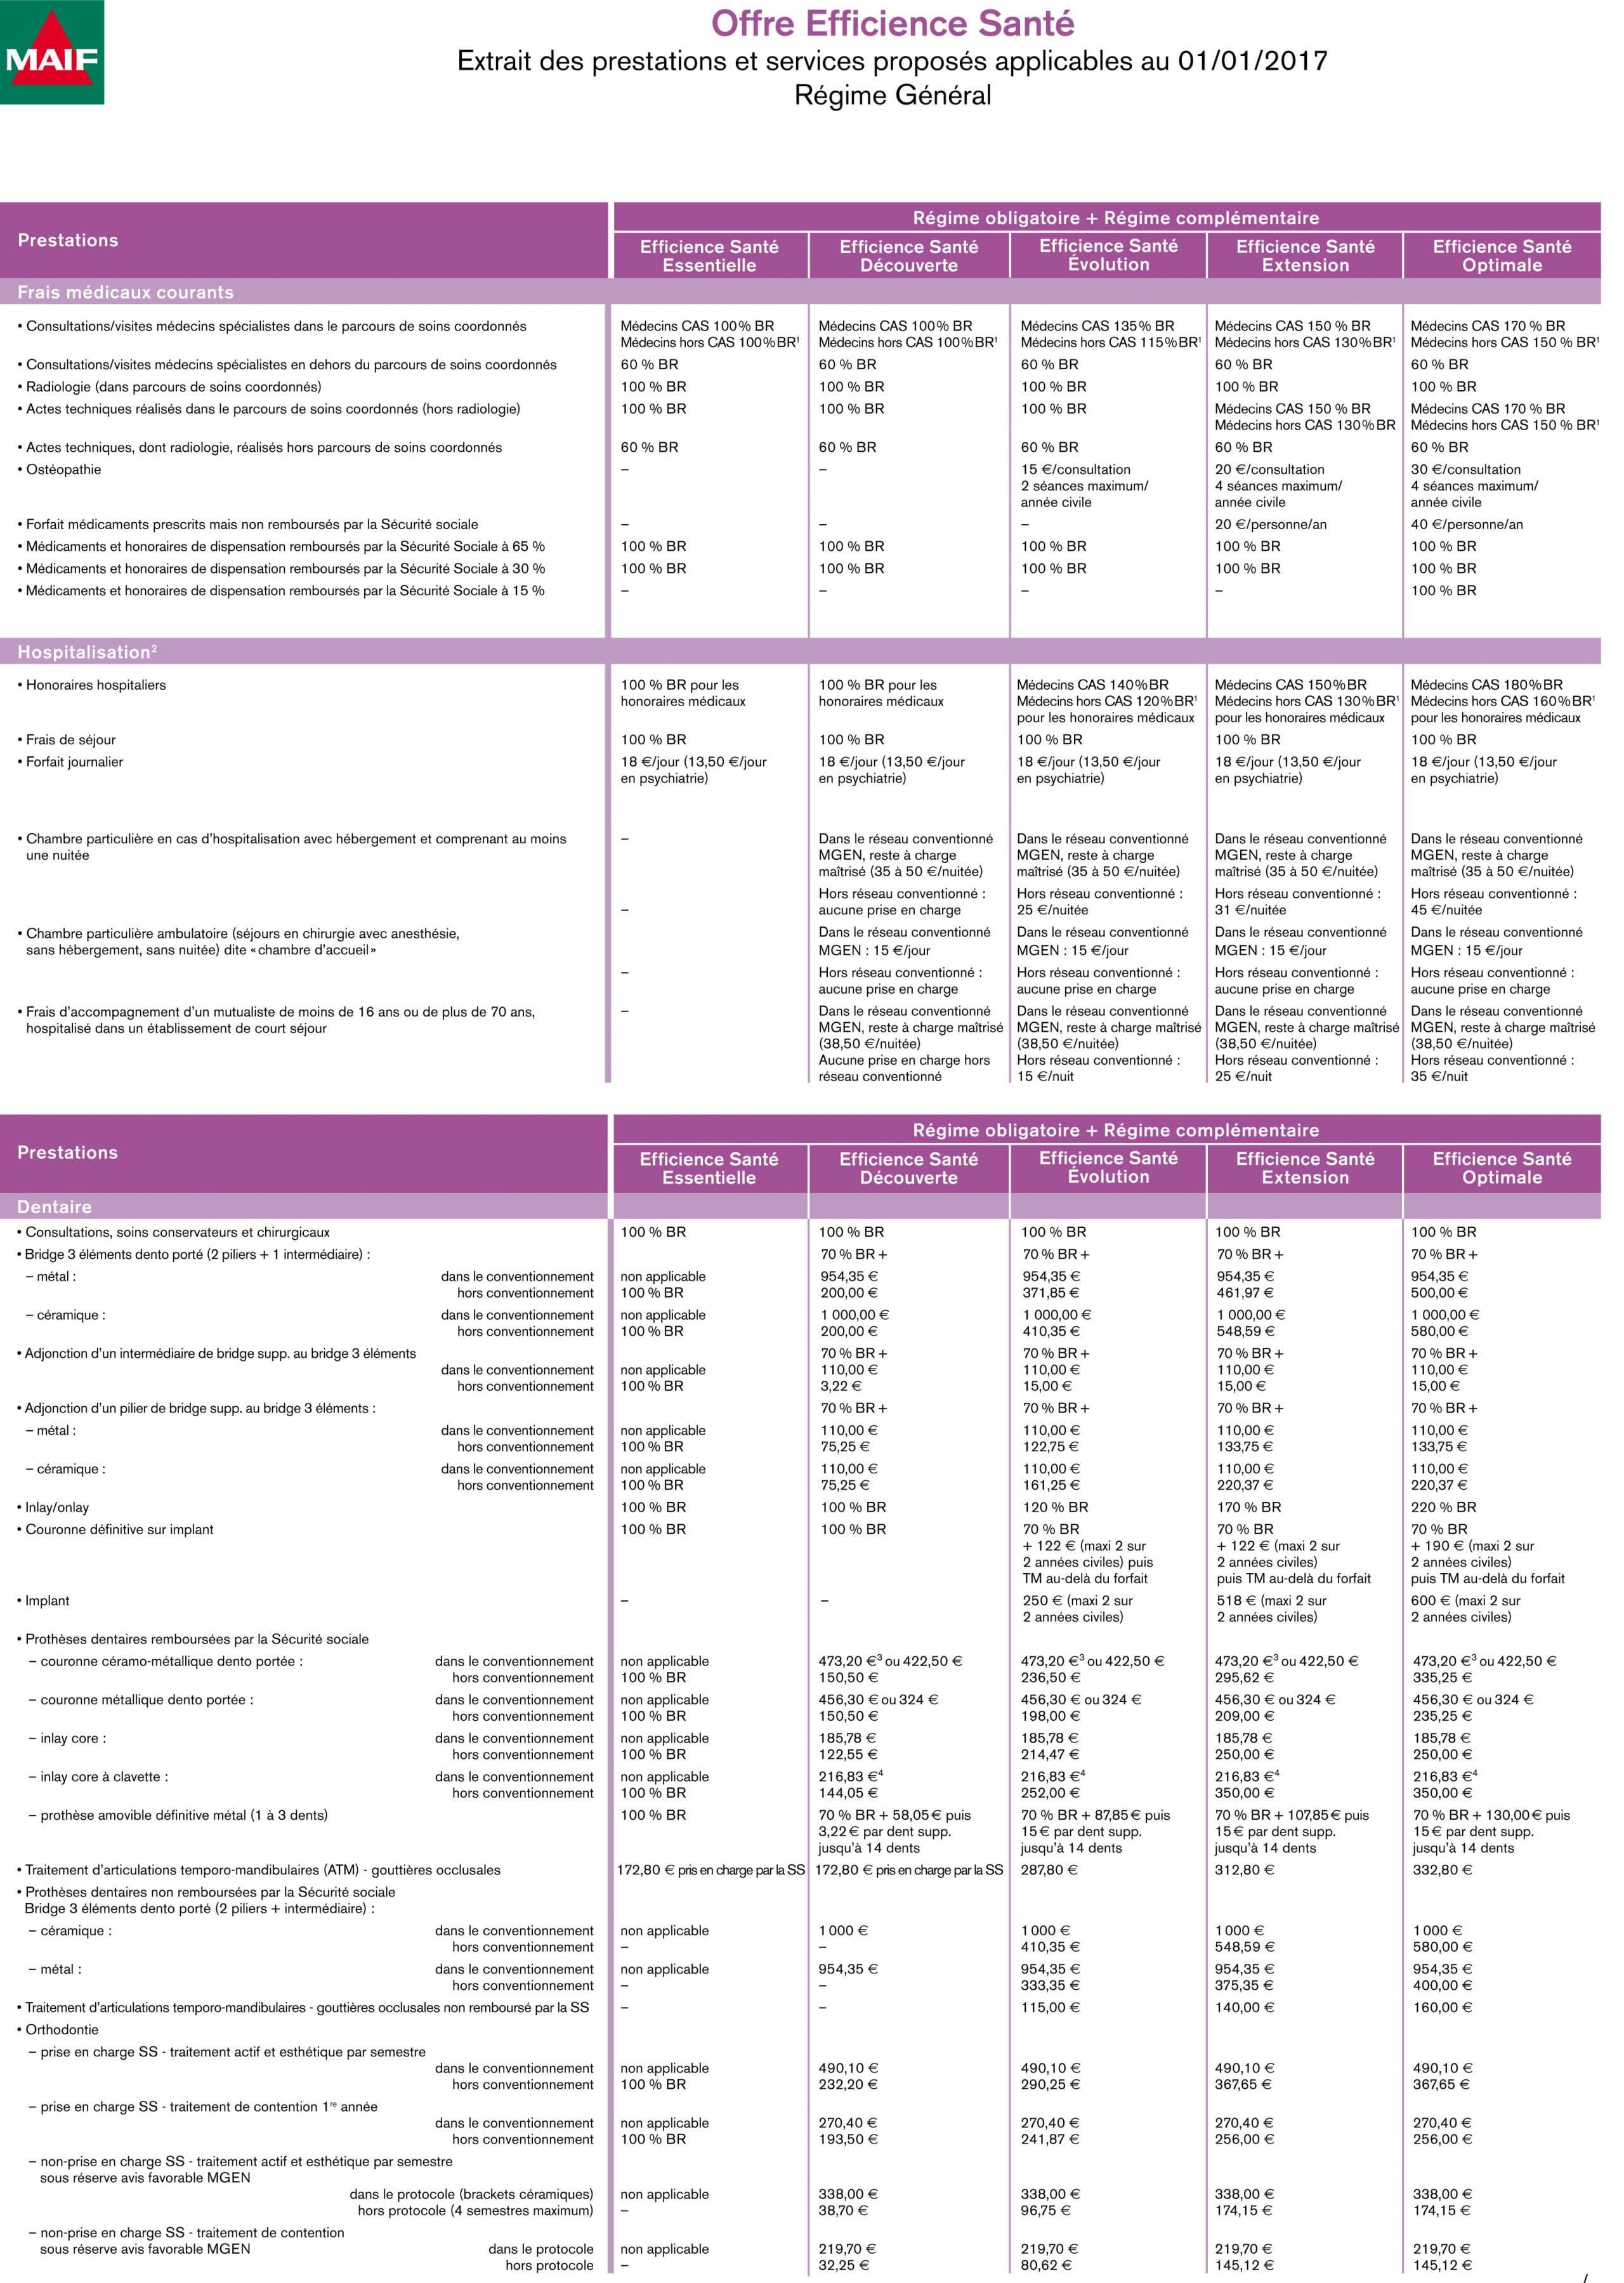 Remboursement optique mutuelle generale niveau 2 - reprogram dd5fb31e8ae6